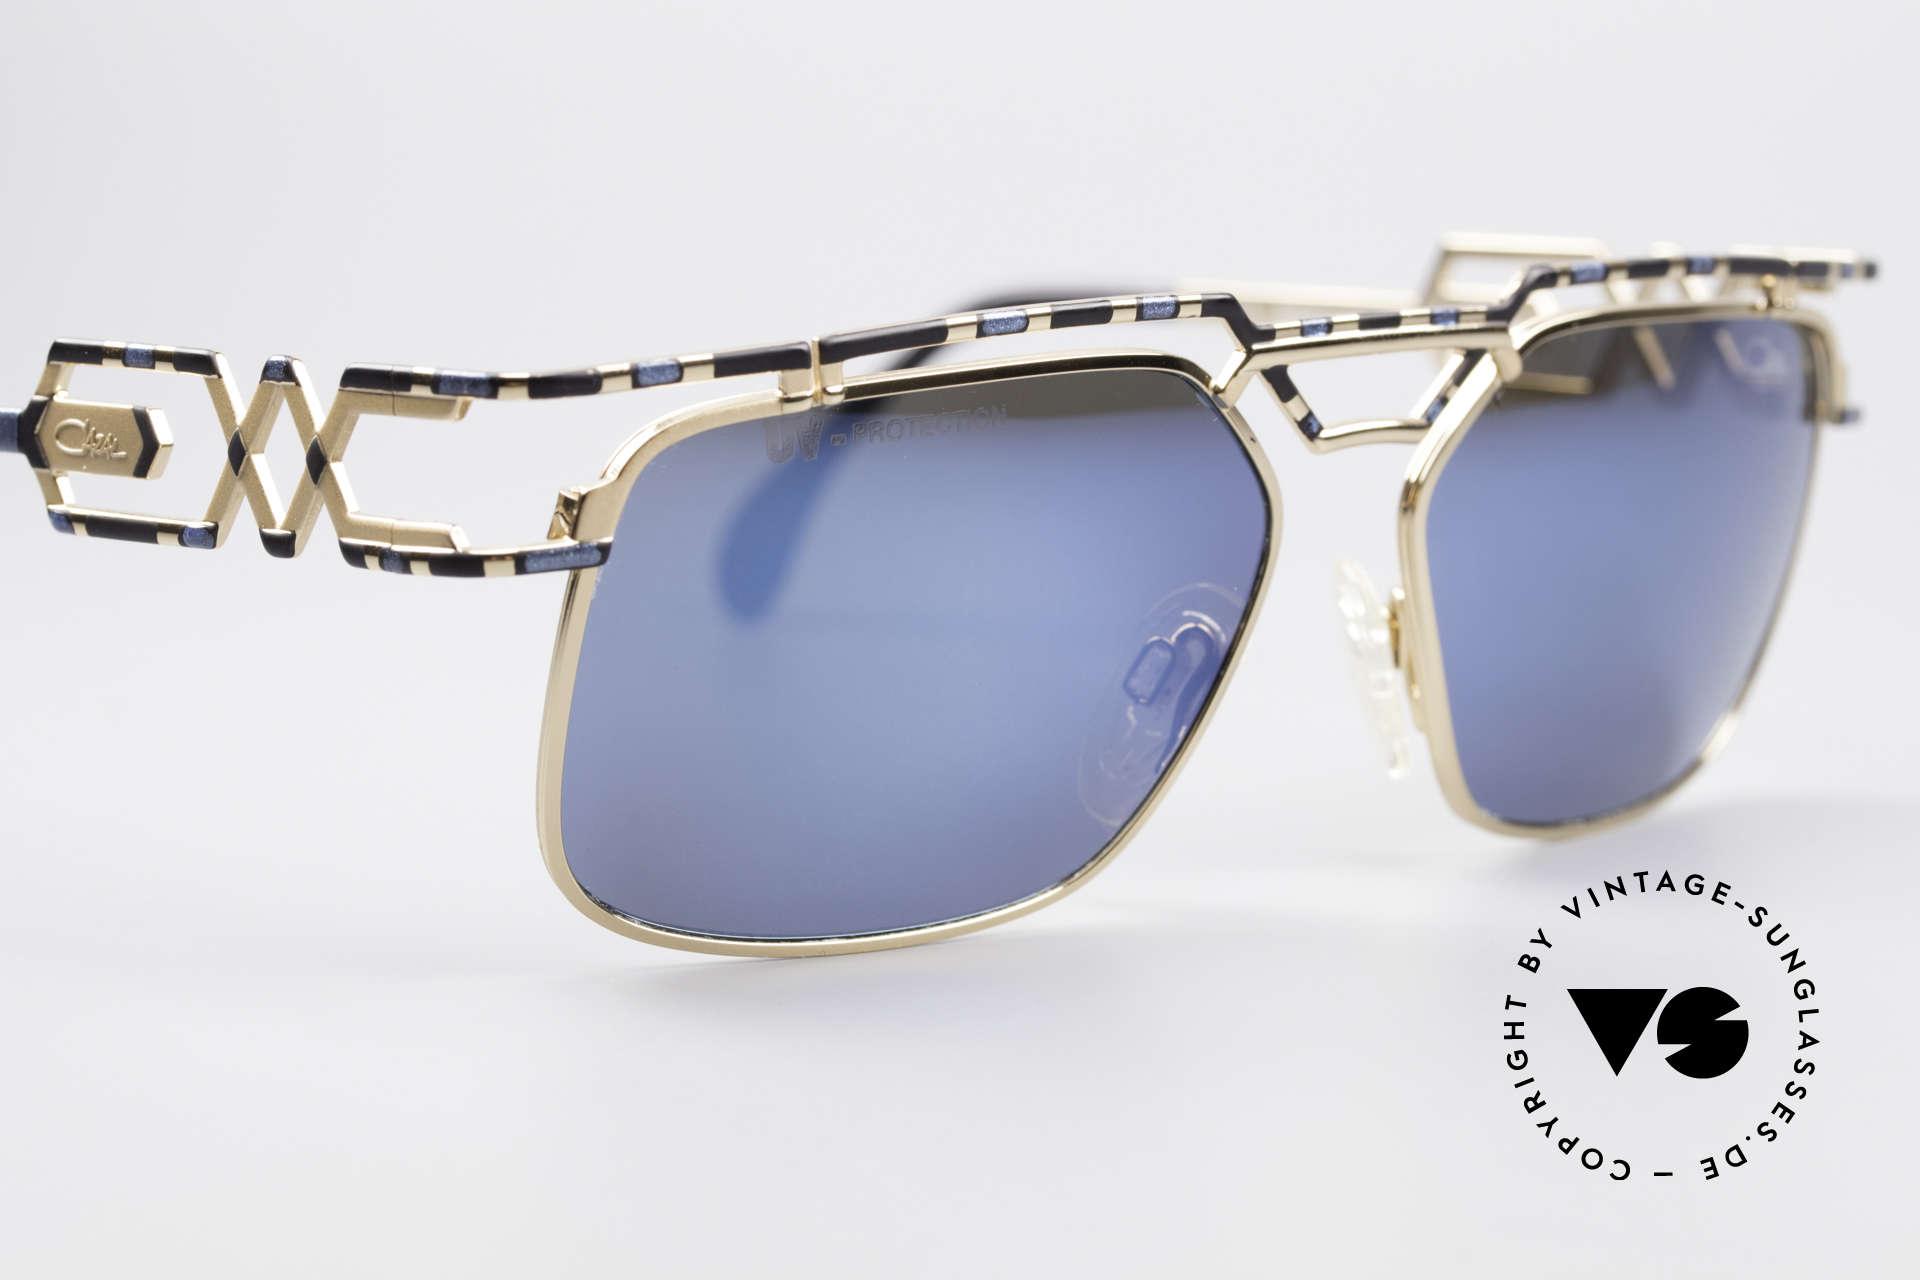 Cazal 973 Blau Verspiegelte Sonnenbrille, ungetragen (wie alle unsere CAZAL vintage Brillen), Passend für Herren und Damen